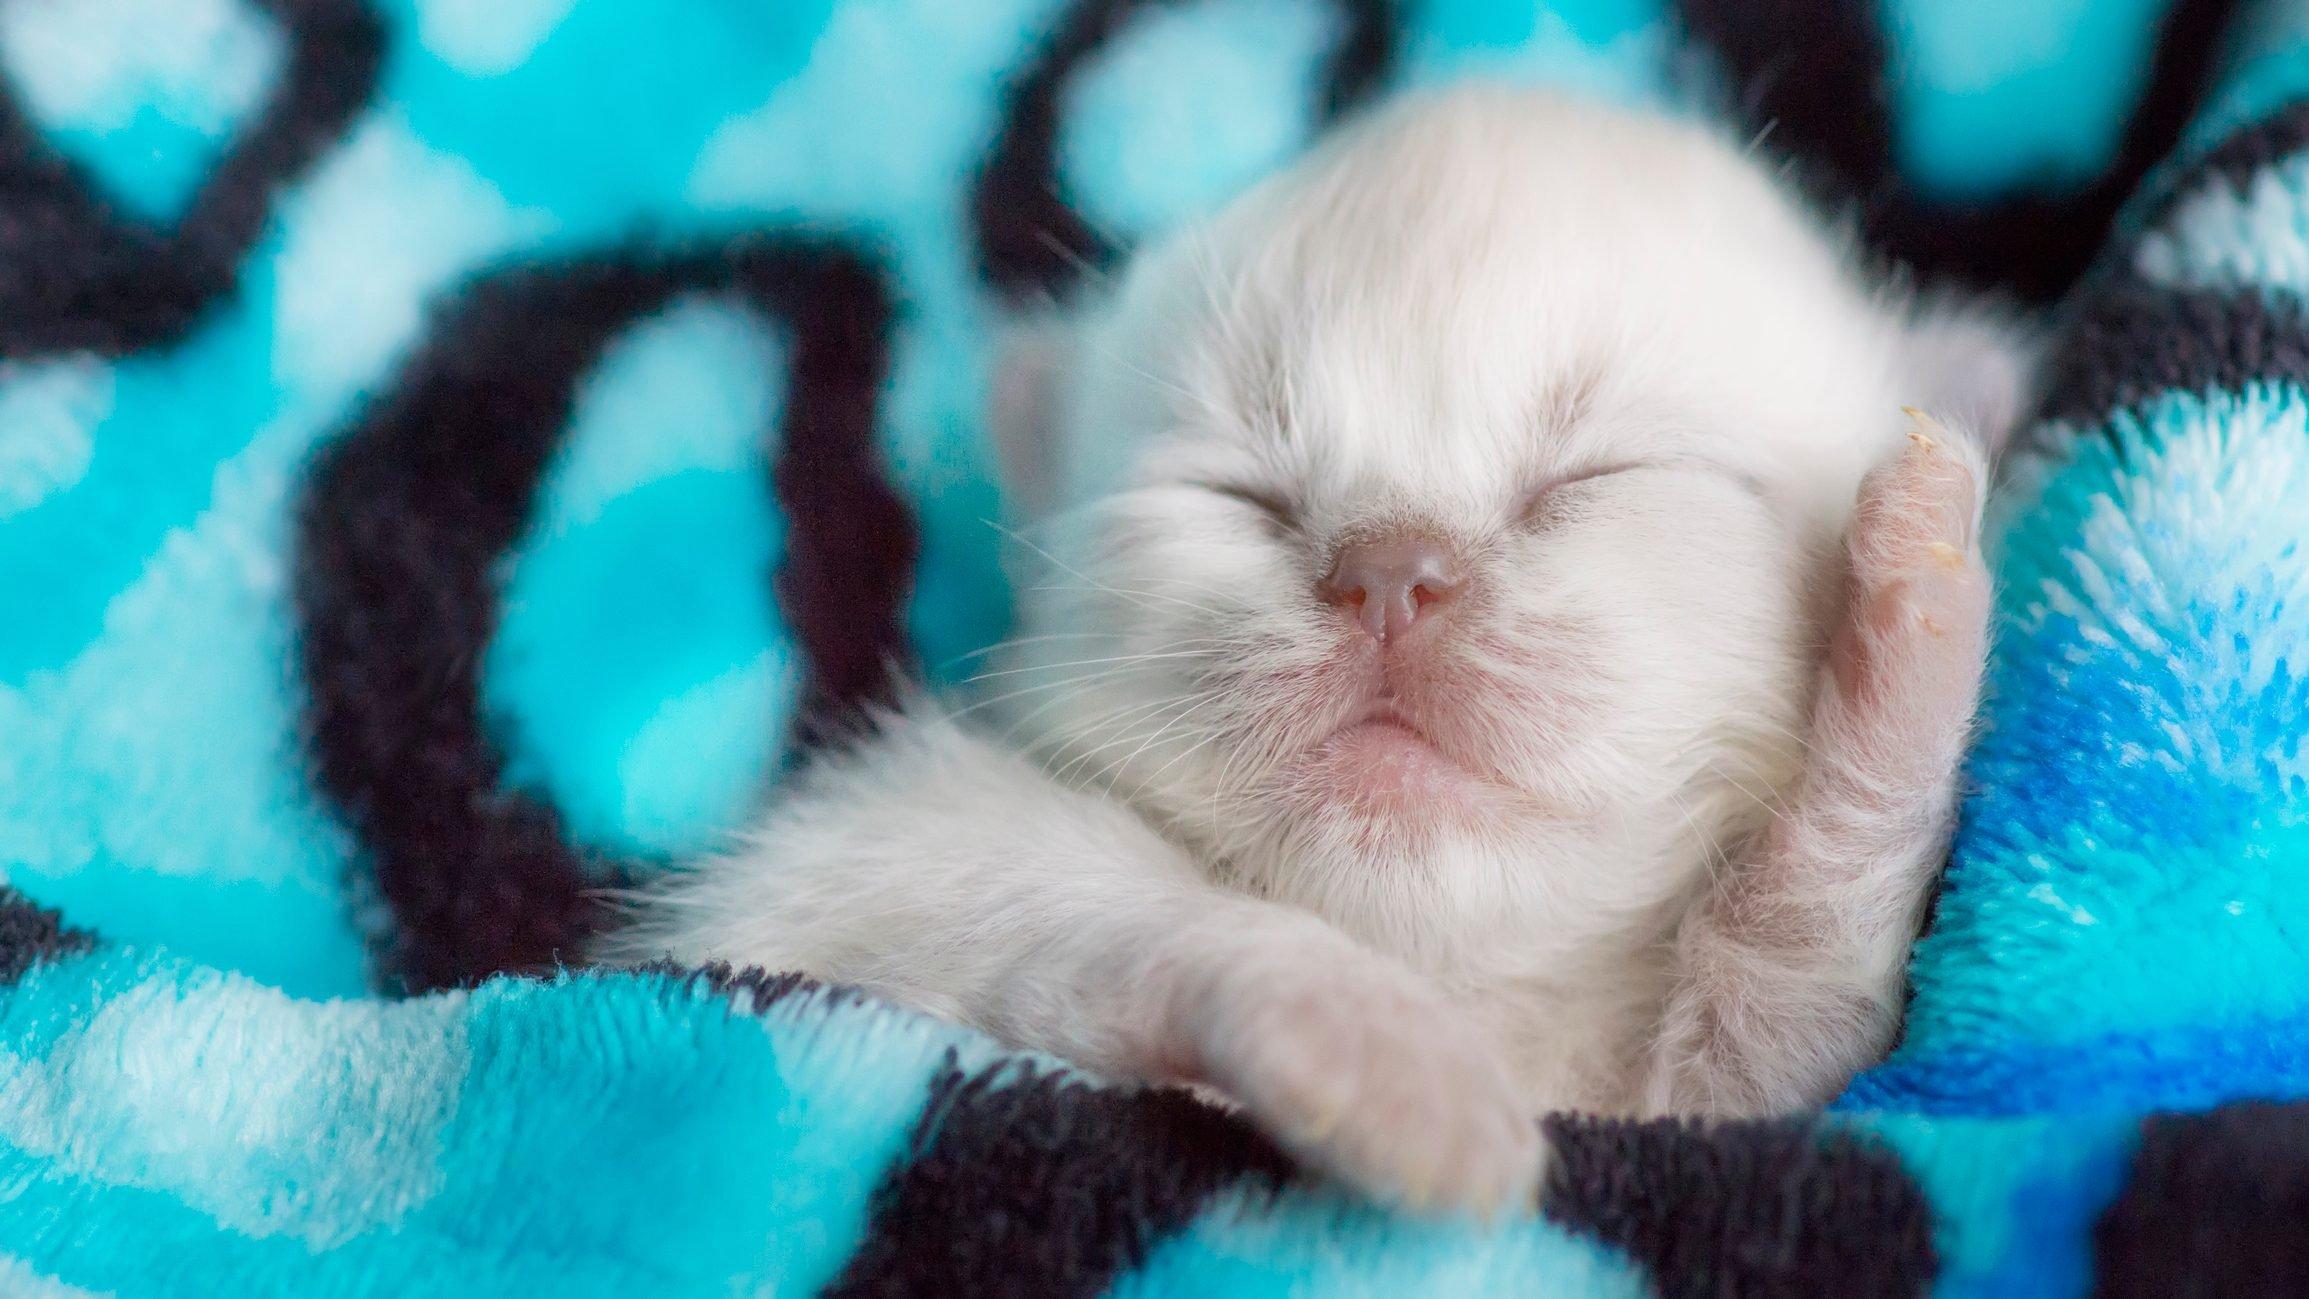 Cute Newborn Kitten Sleeping in Warm Blanket